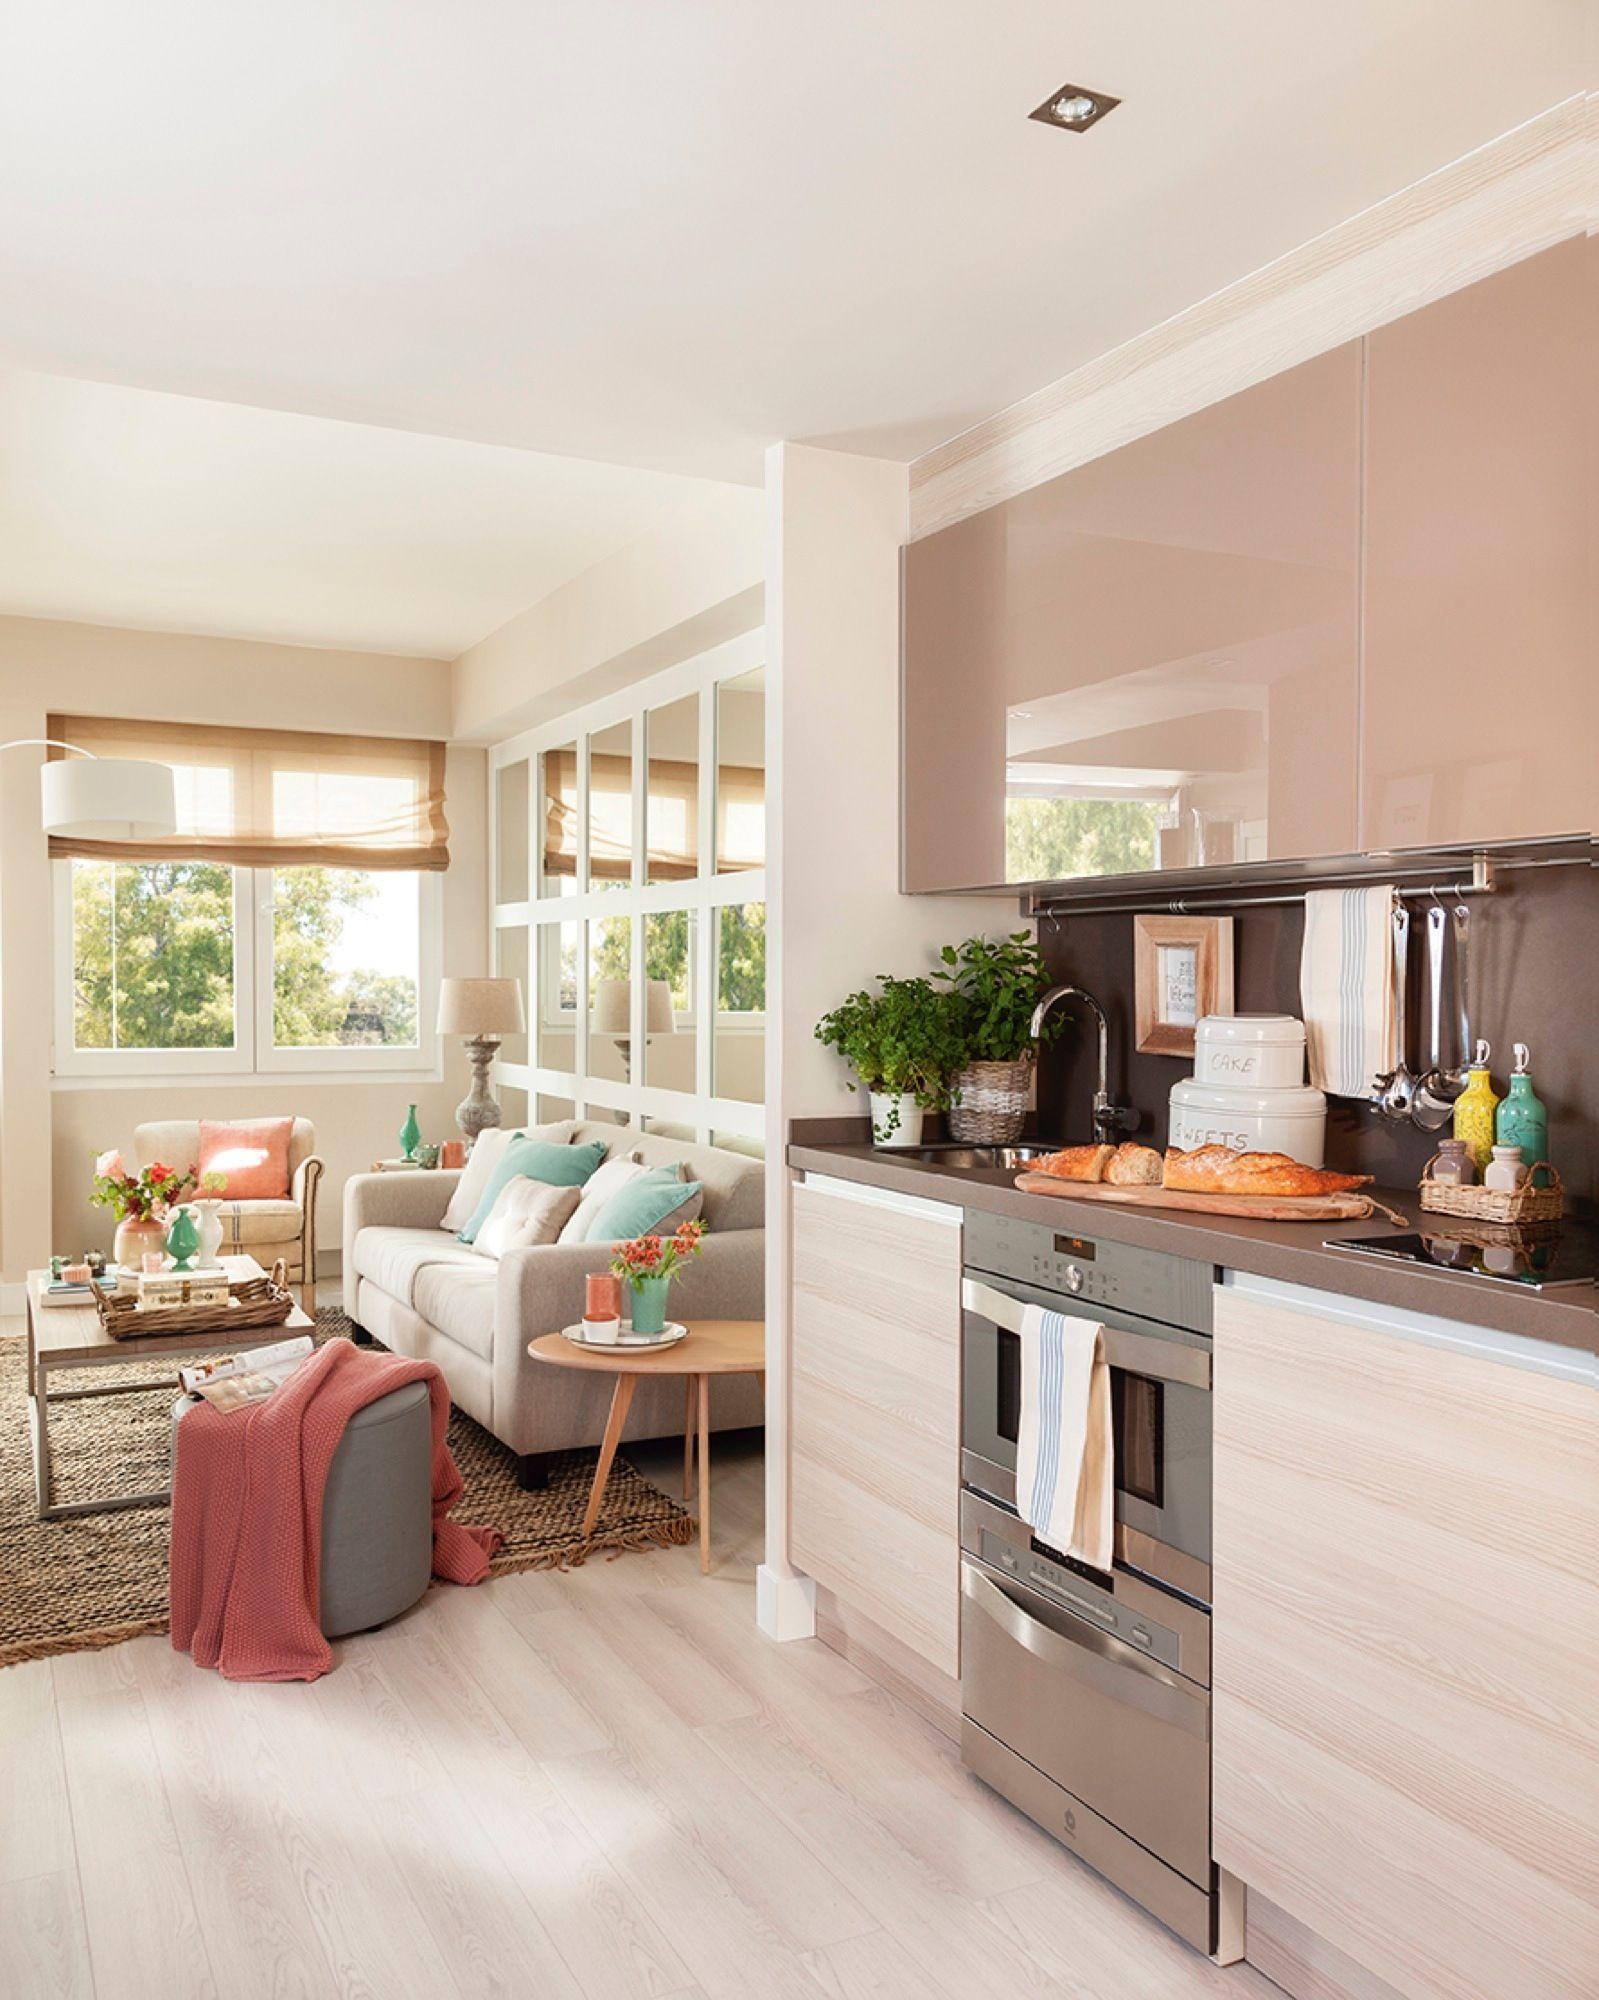 Cocina pequeña abierta al salón | El comedor, Salón y Comedores